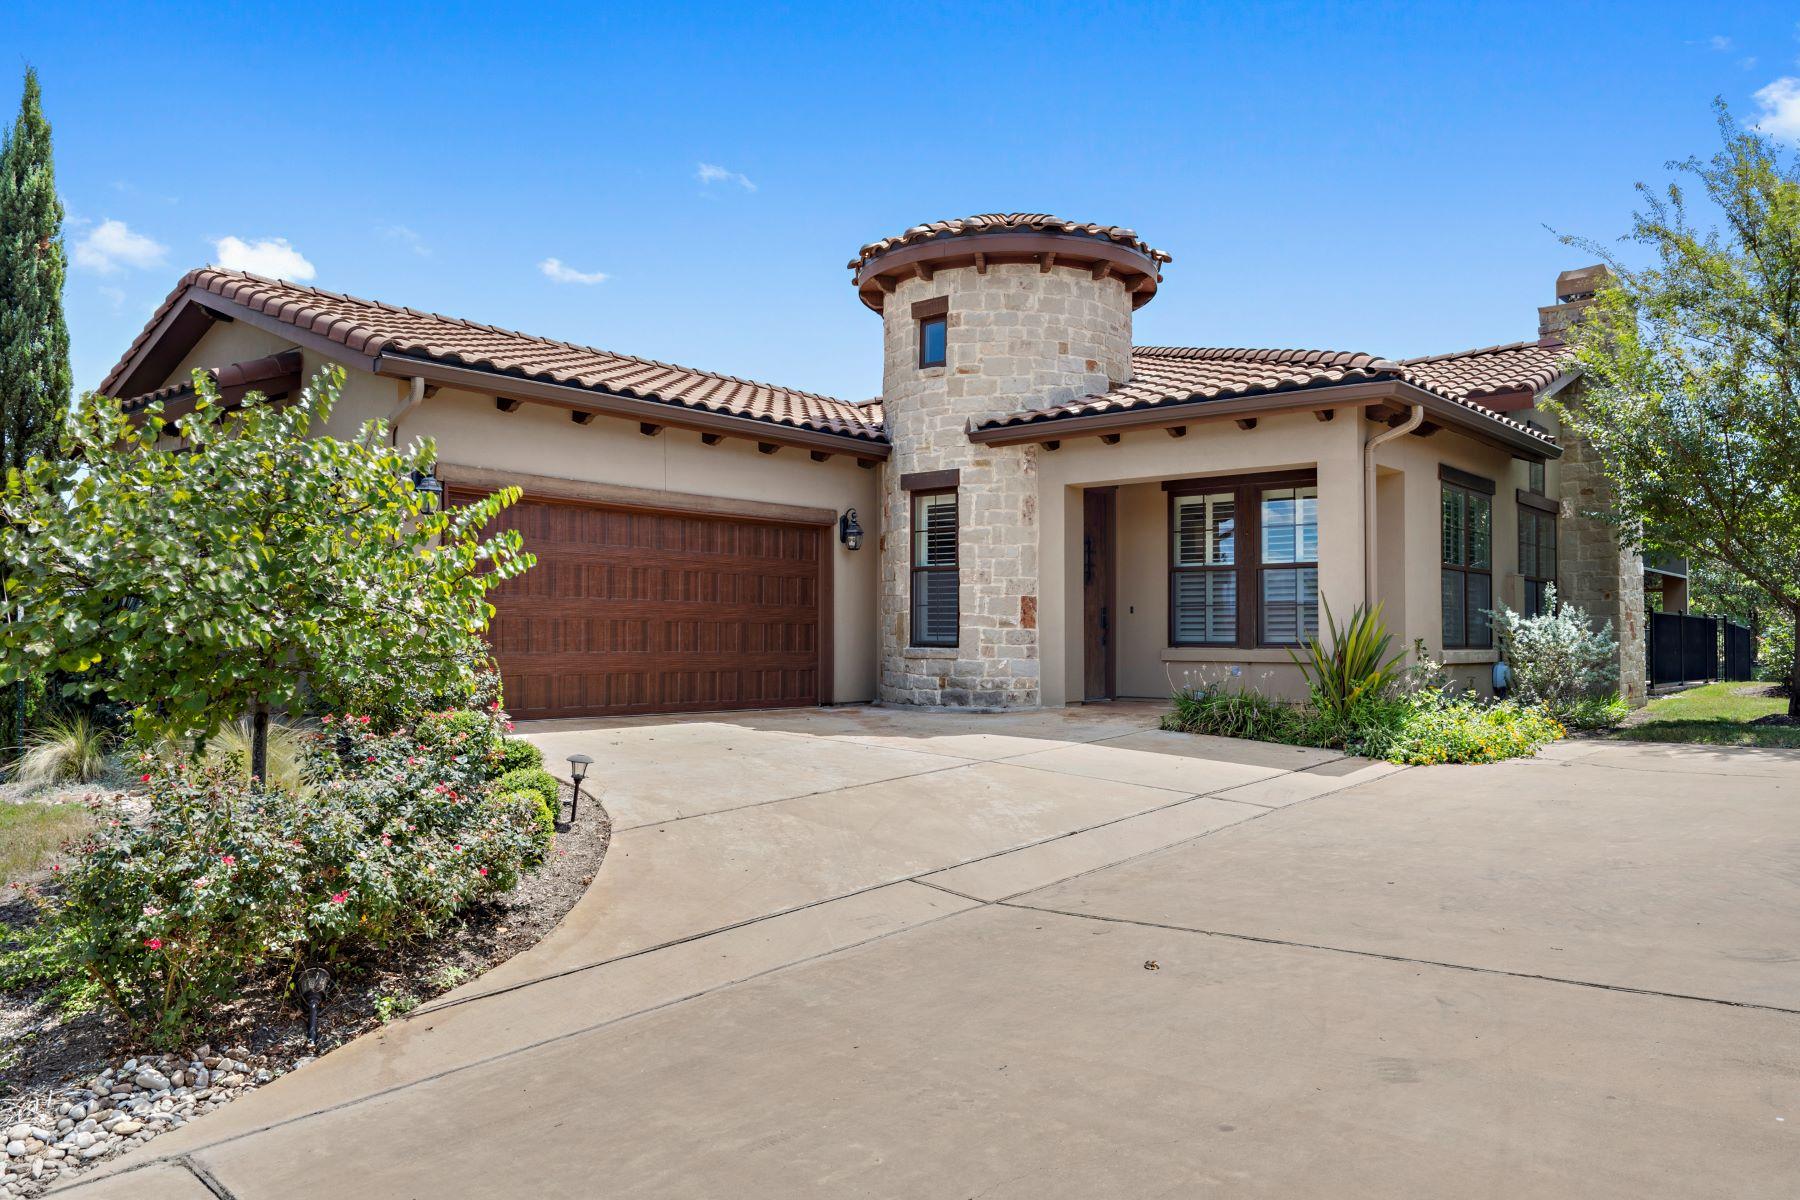 Single Family Homes for Sale at 408 Amiata Avenue #36, Lakeway, TX 78738 408 Amiata Avenue #36 Lakeway, Texas 78734 United States